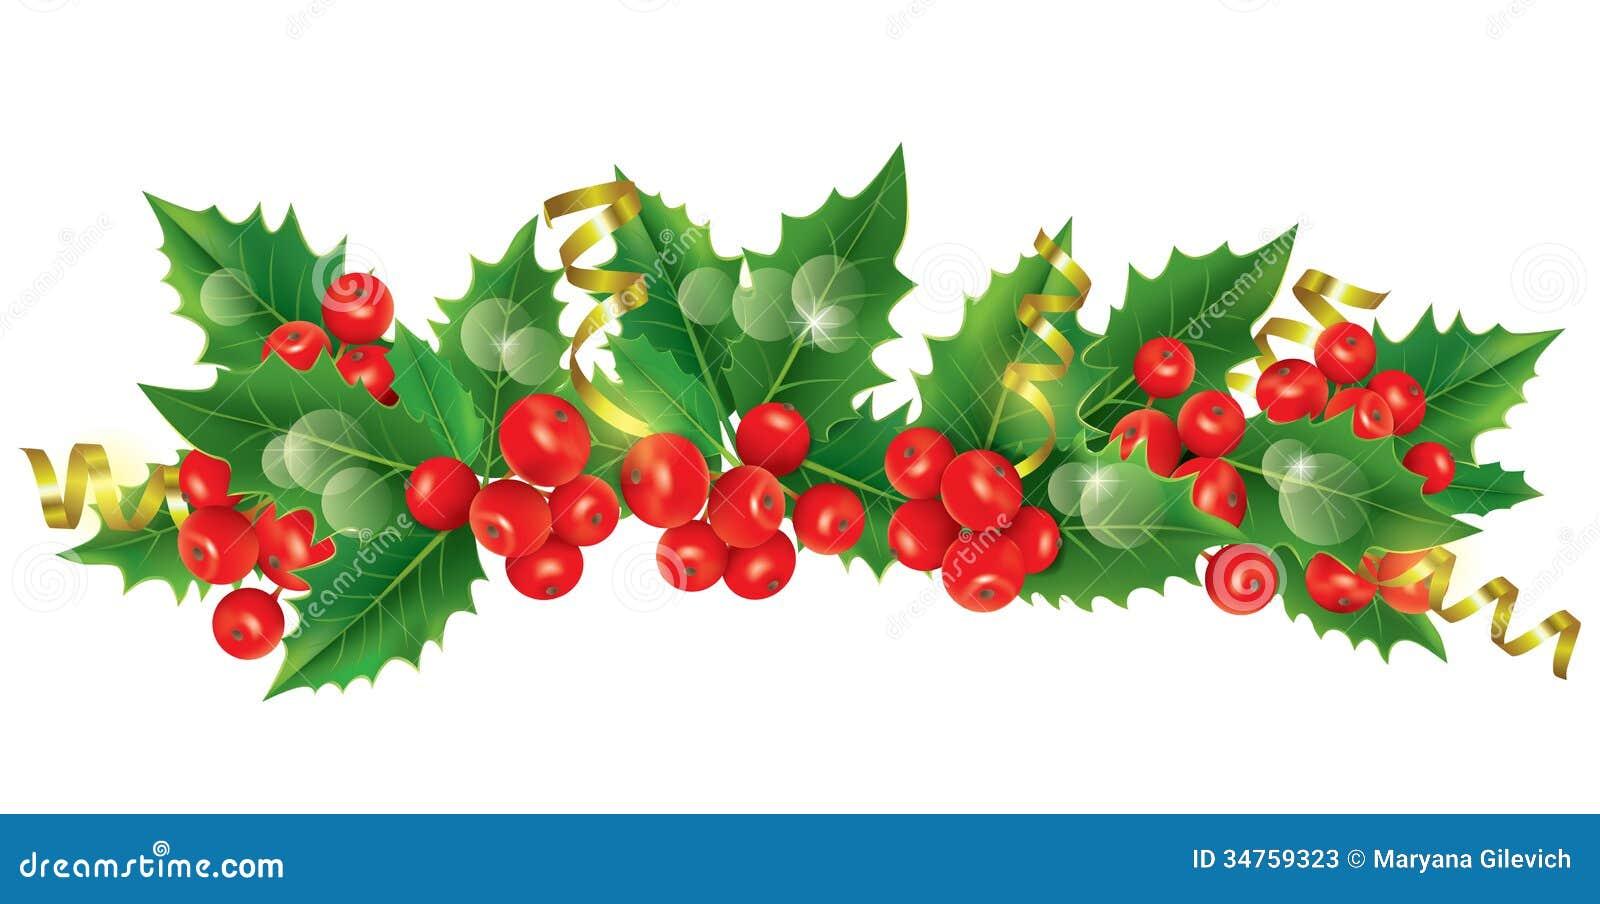 Schöne Weihnachtsgirlande Stockfotos - Bild: 34759323